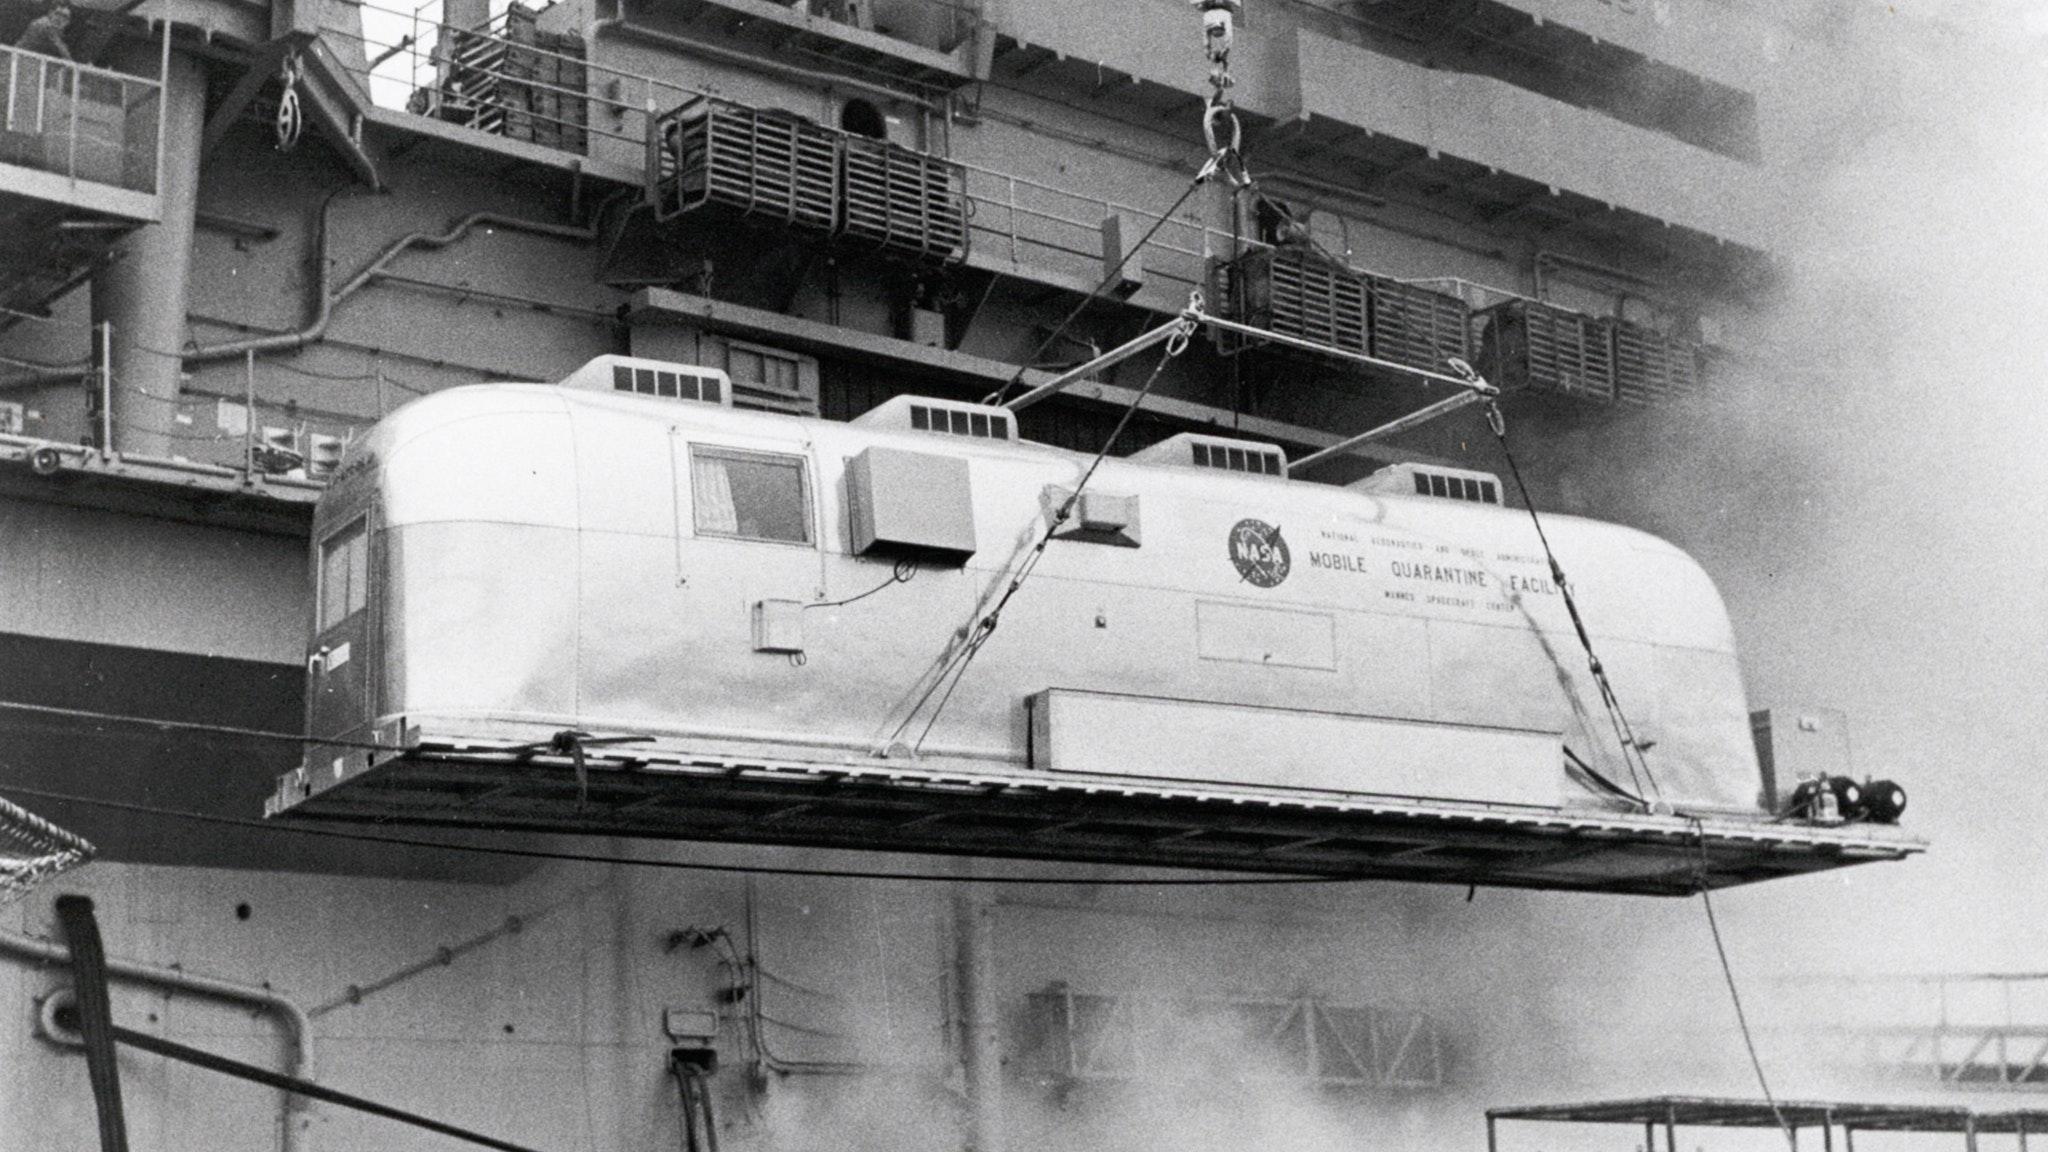 Mobile-Quarantine-Facility-Airstream-Loading-on-Ship